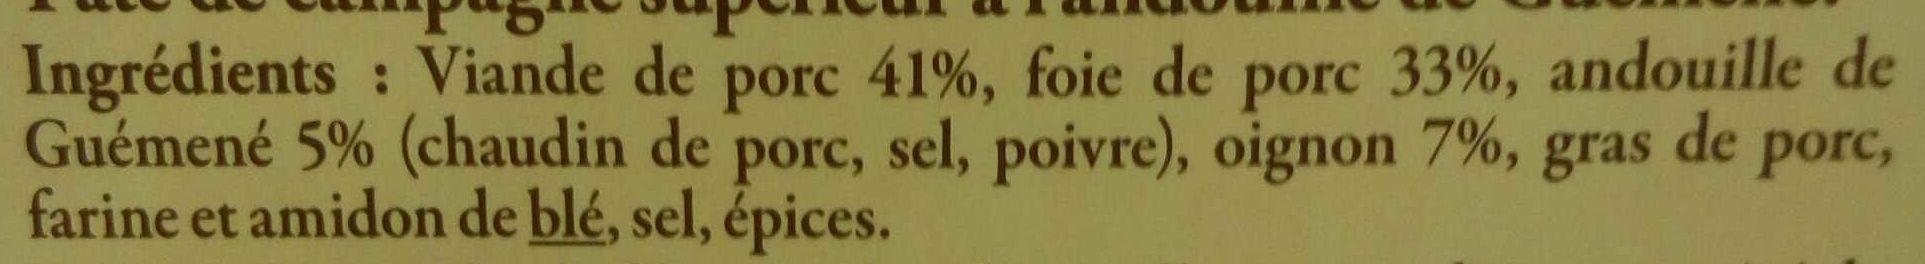 Pâte de campagne à l'andouille de Guémené - Ingrédients